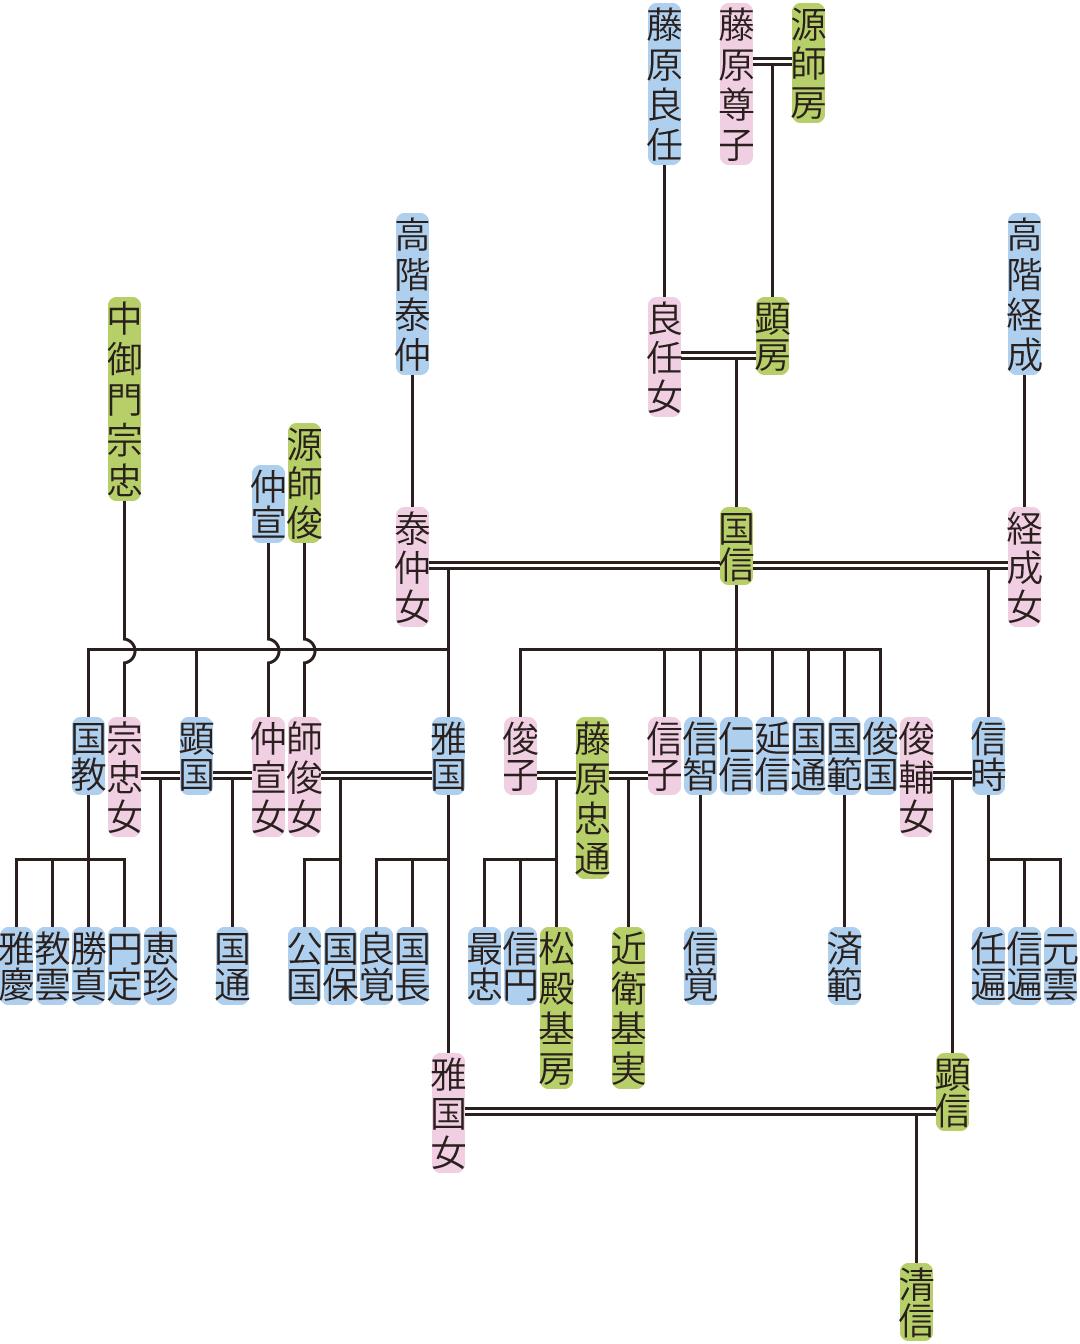 源国信の系図